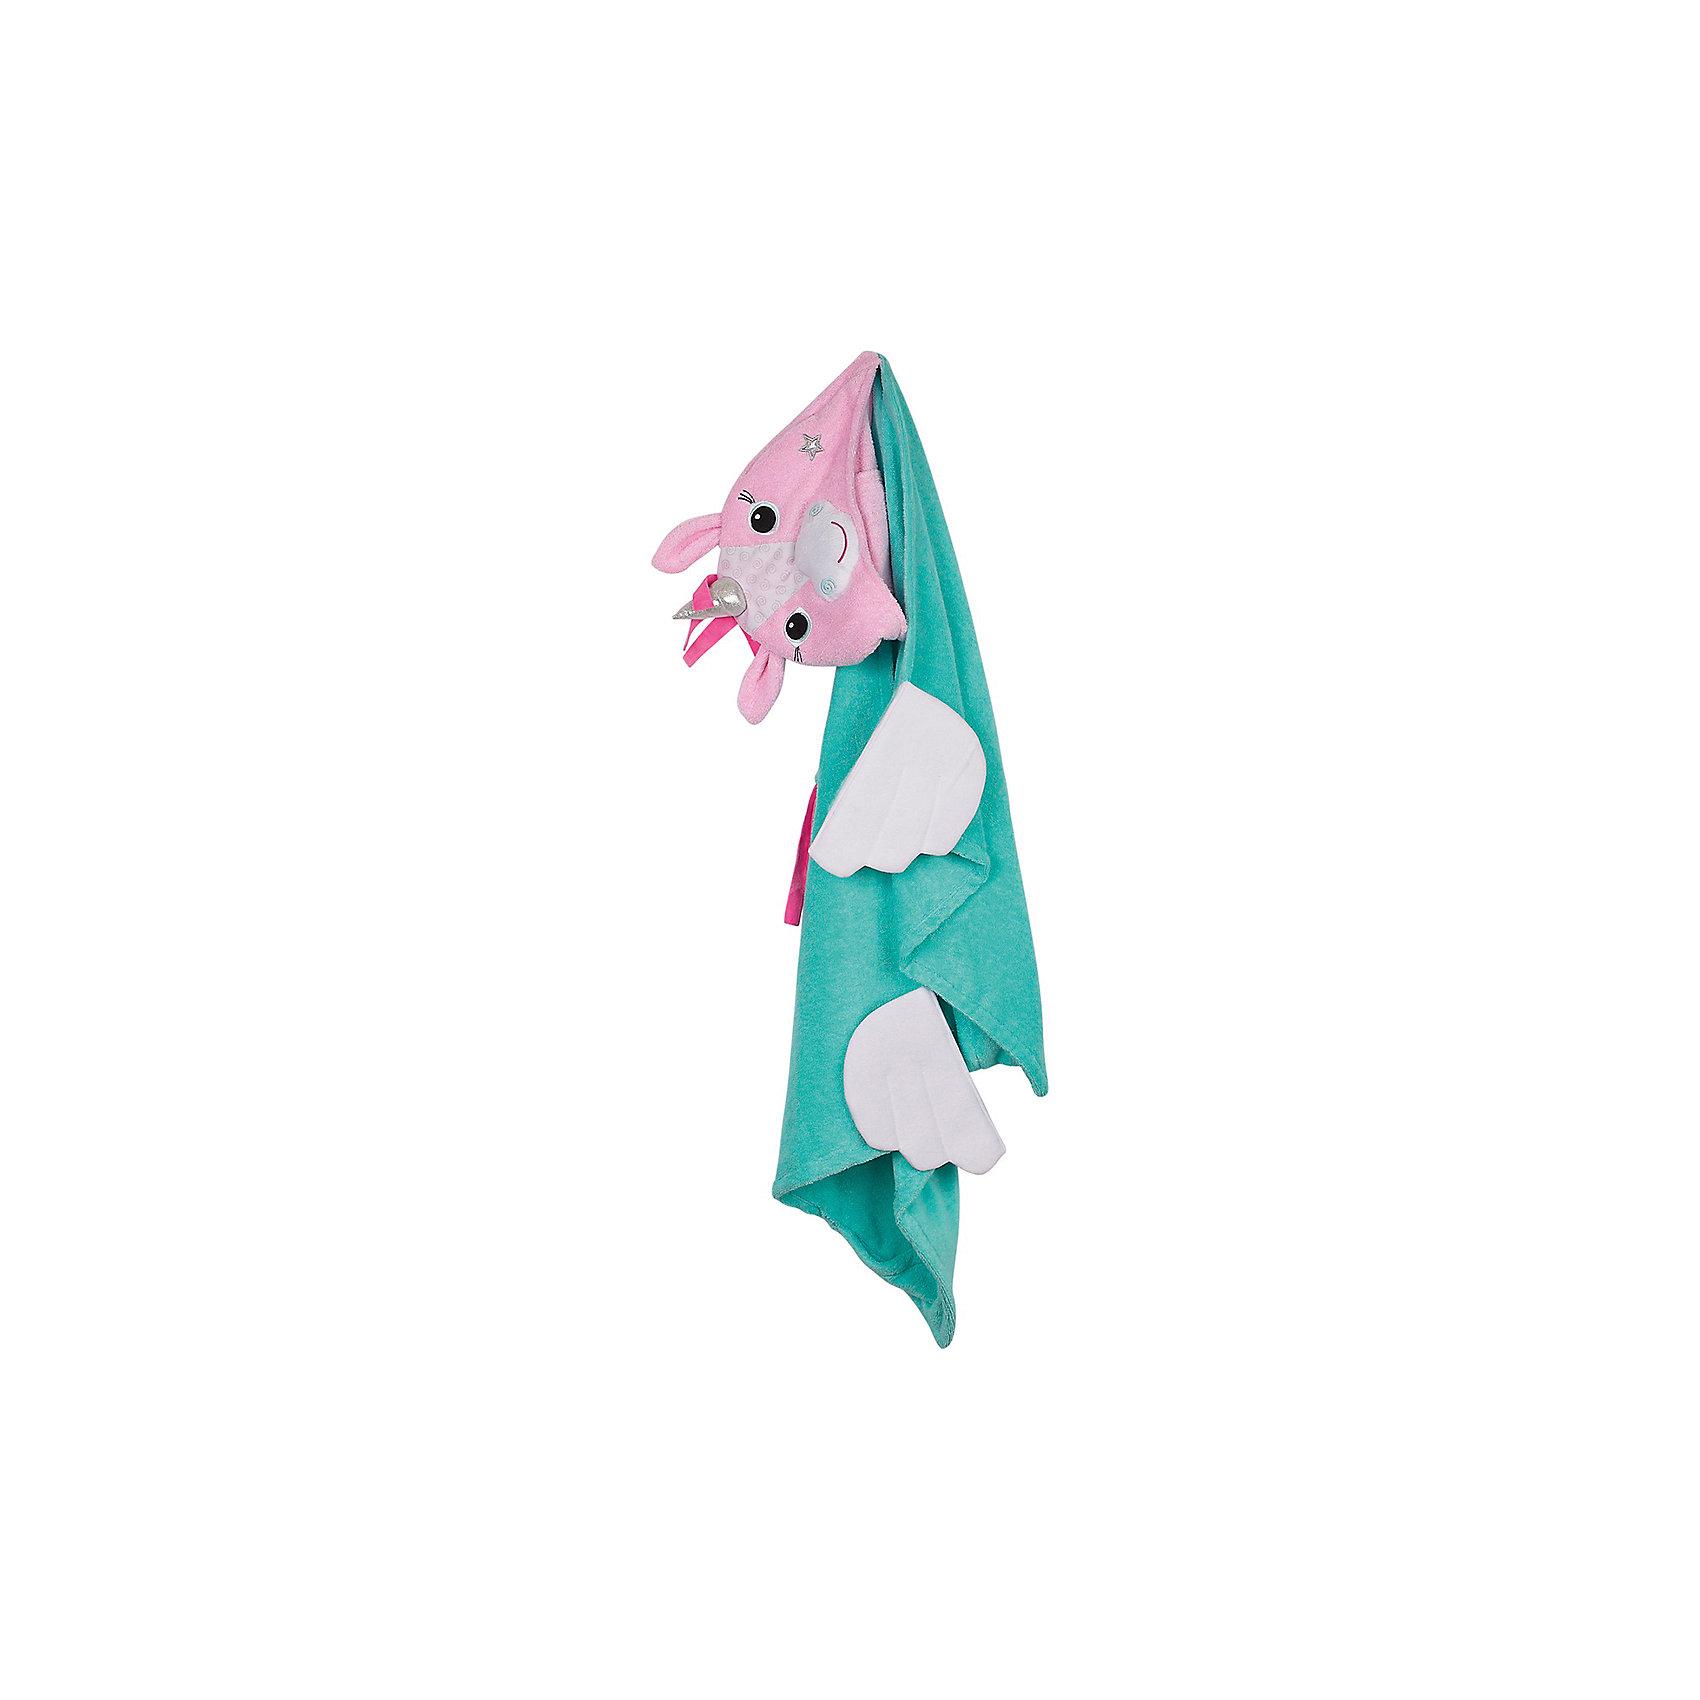 ��������� � ��������� Allie the Alicorn (�� 2 ���), Zoocchini